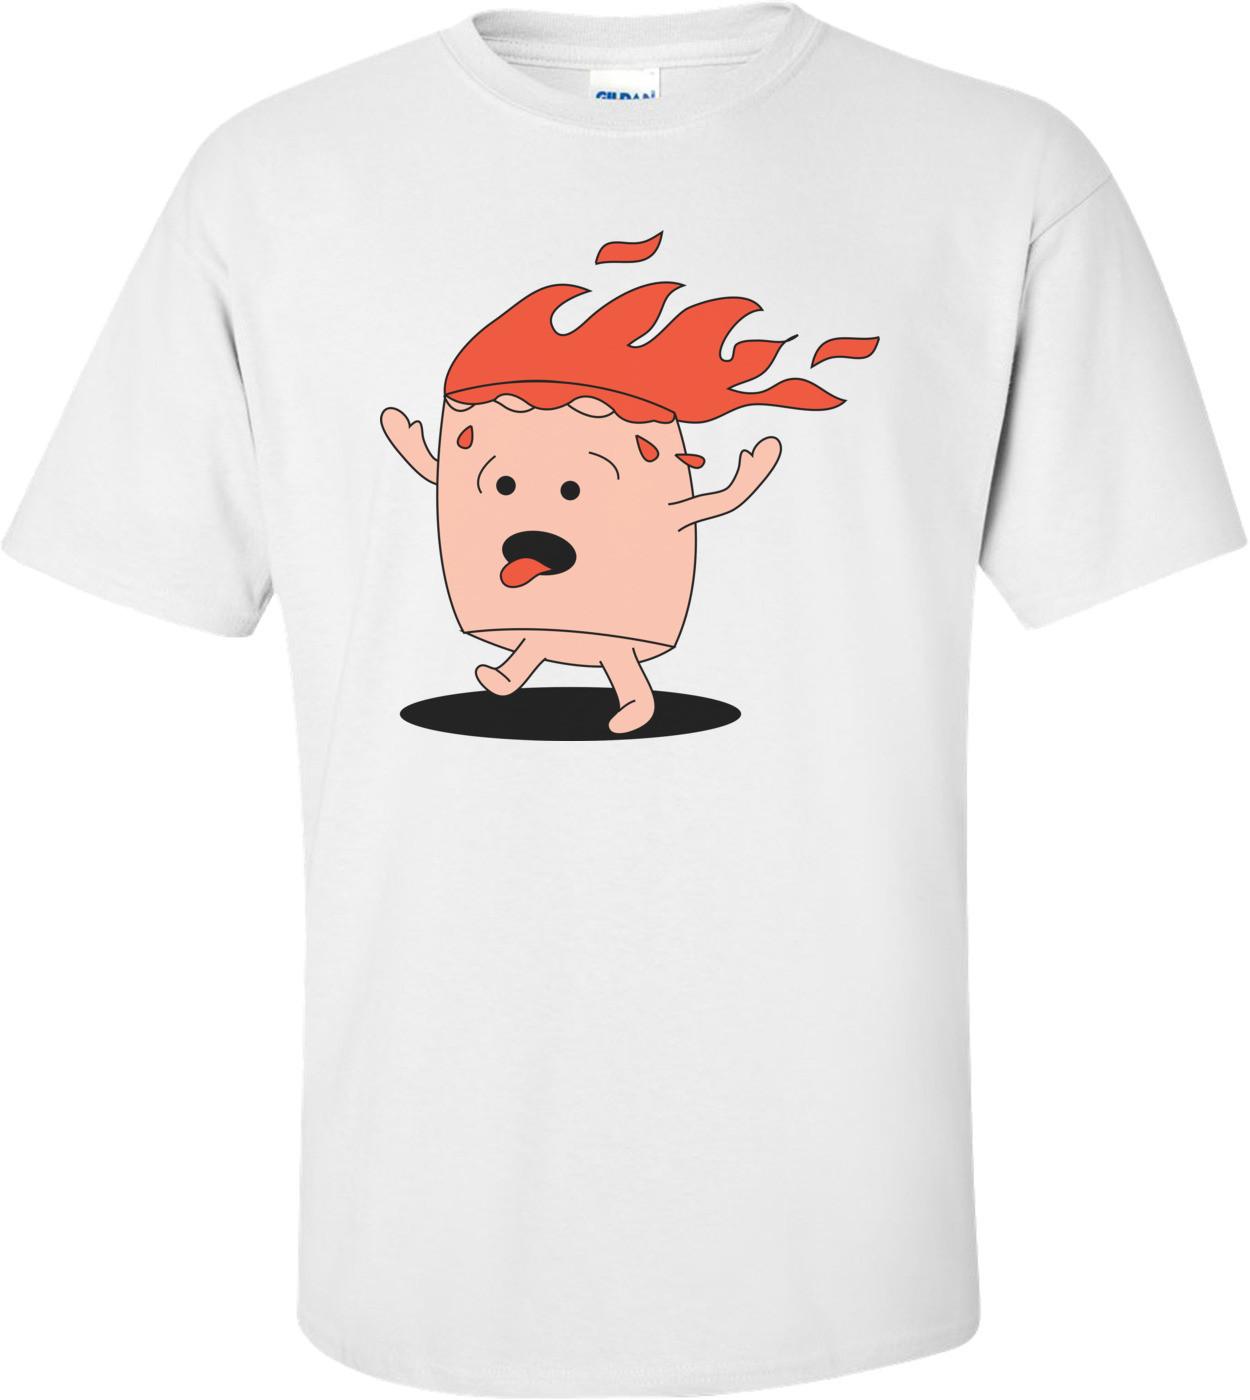 Marshmallow Funny Shirt